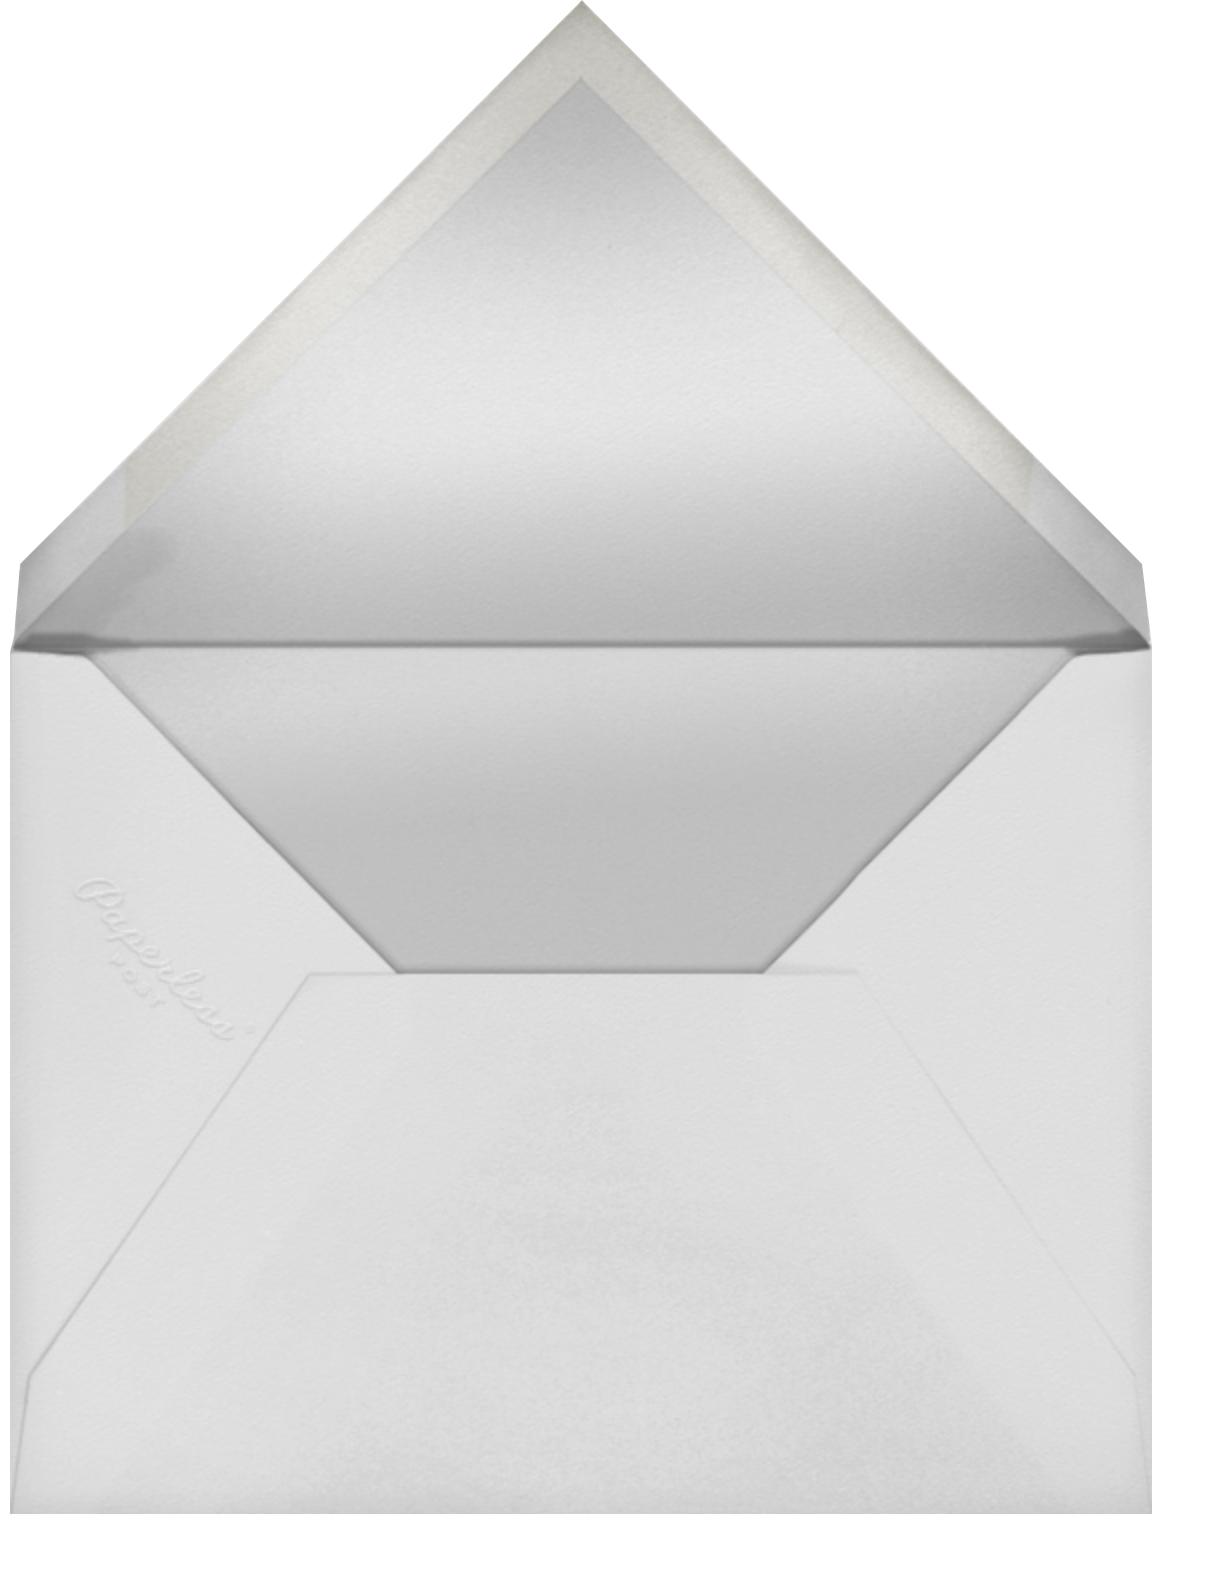 Ghera I (Menu) - Paperless Post - Menus - envelope back